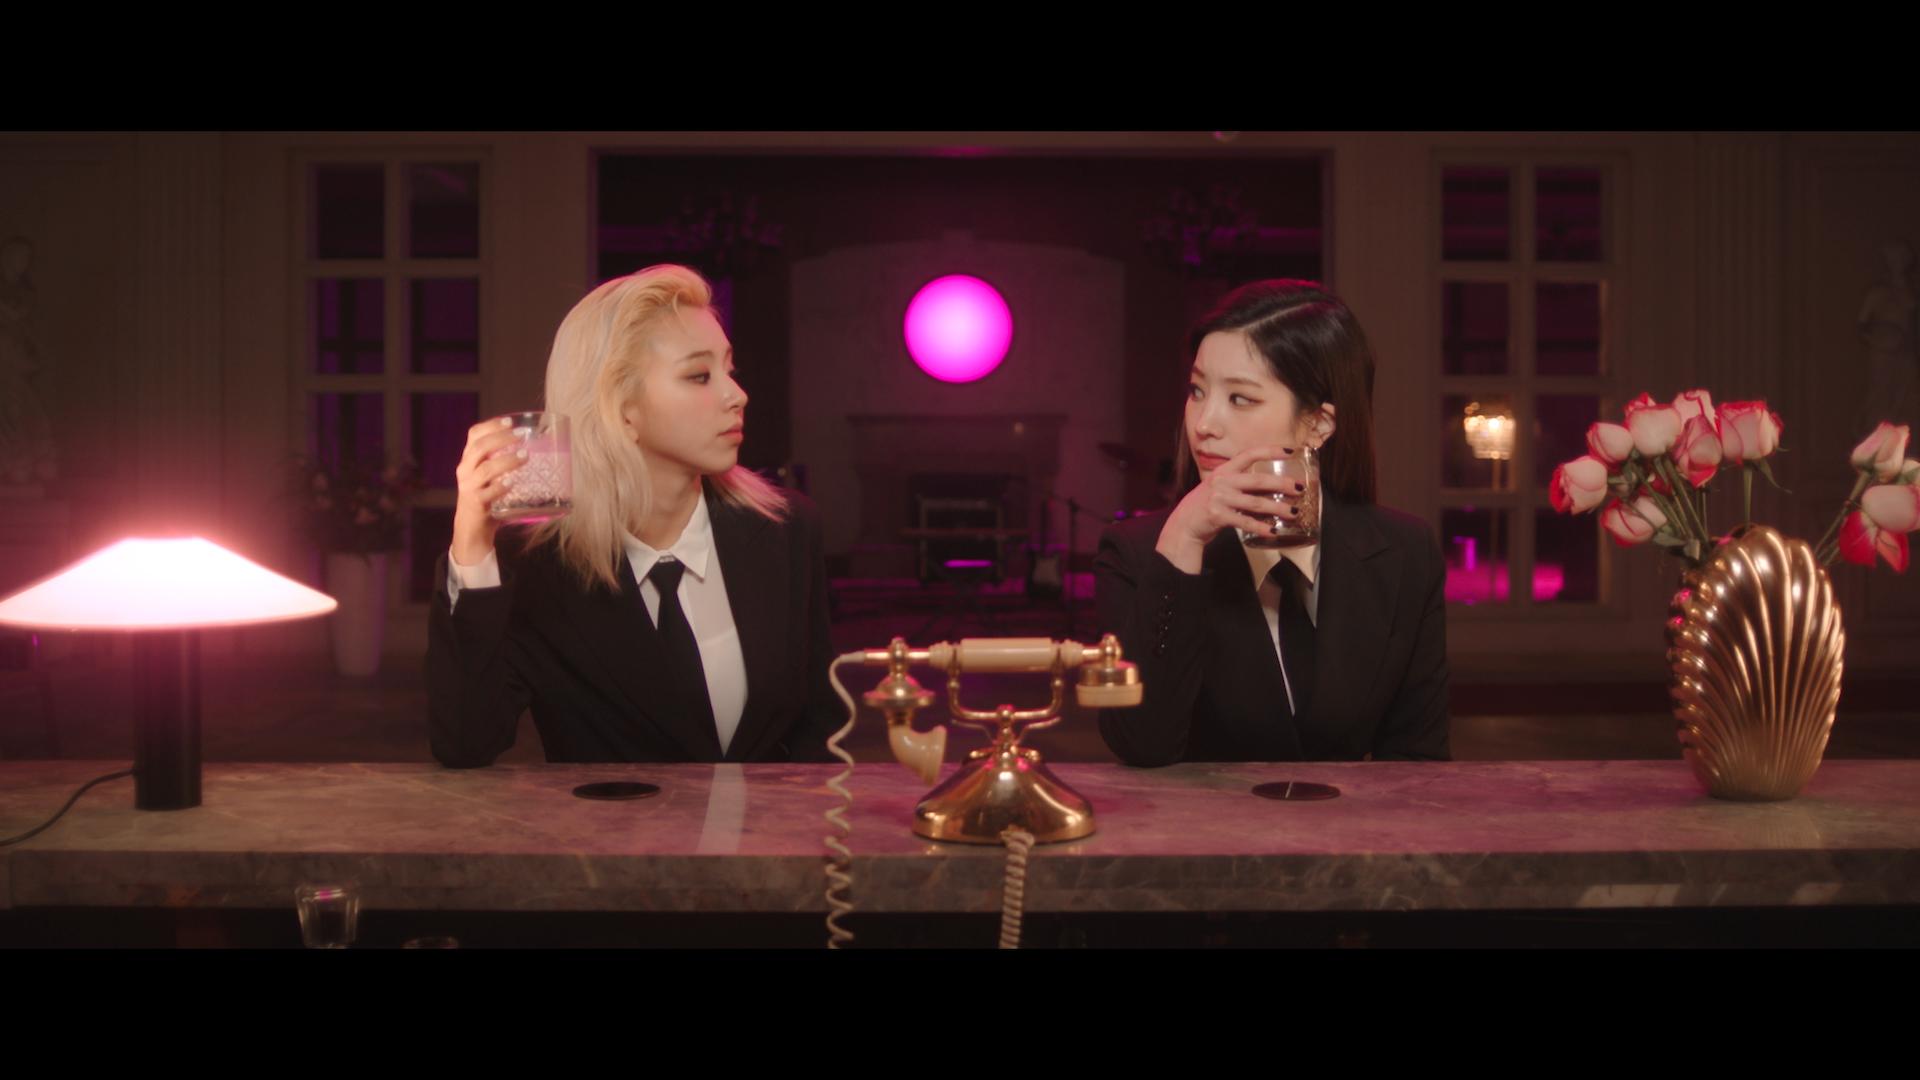 """""""나로 바꾸자 Switch to me"""" by DAHYUN and CHAEYOUNG – Melody Project Teaser"""